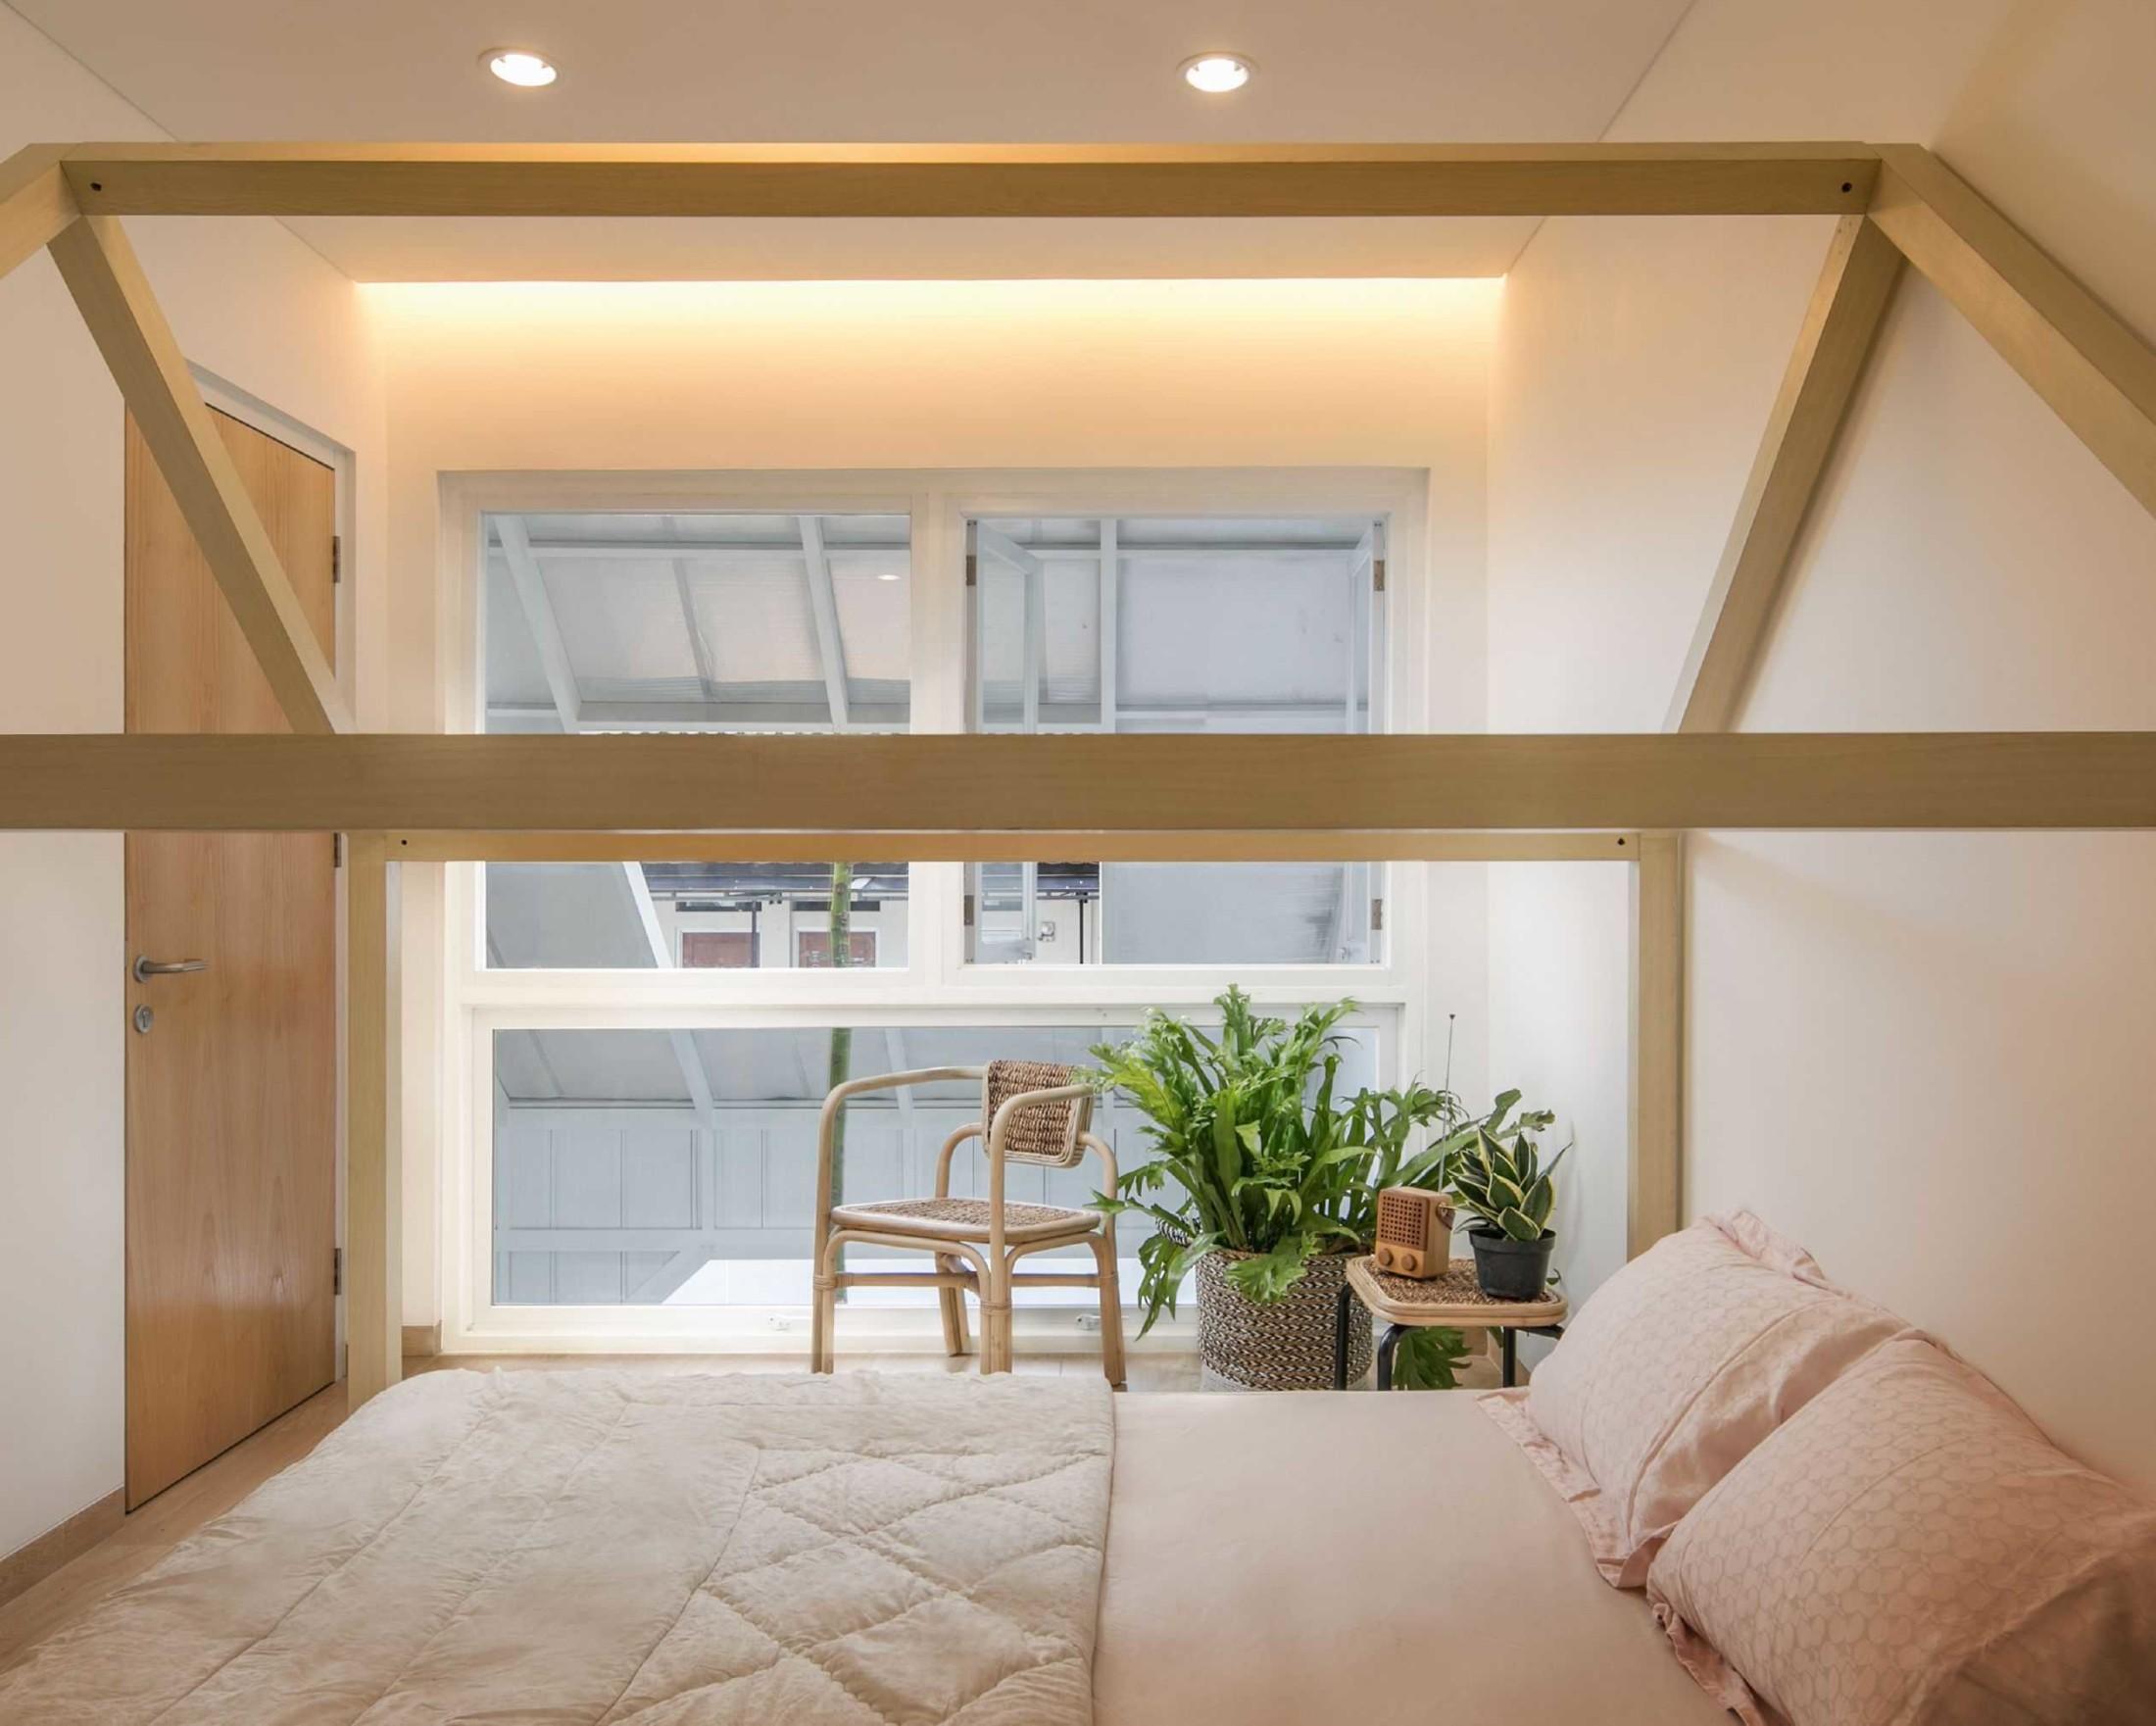 Cahaya tidak langsung agar suhu kamar tidur lebih nyaman (Sumber: arsitag.com)